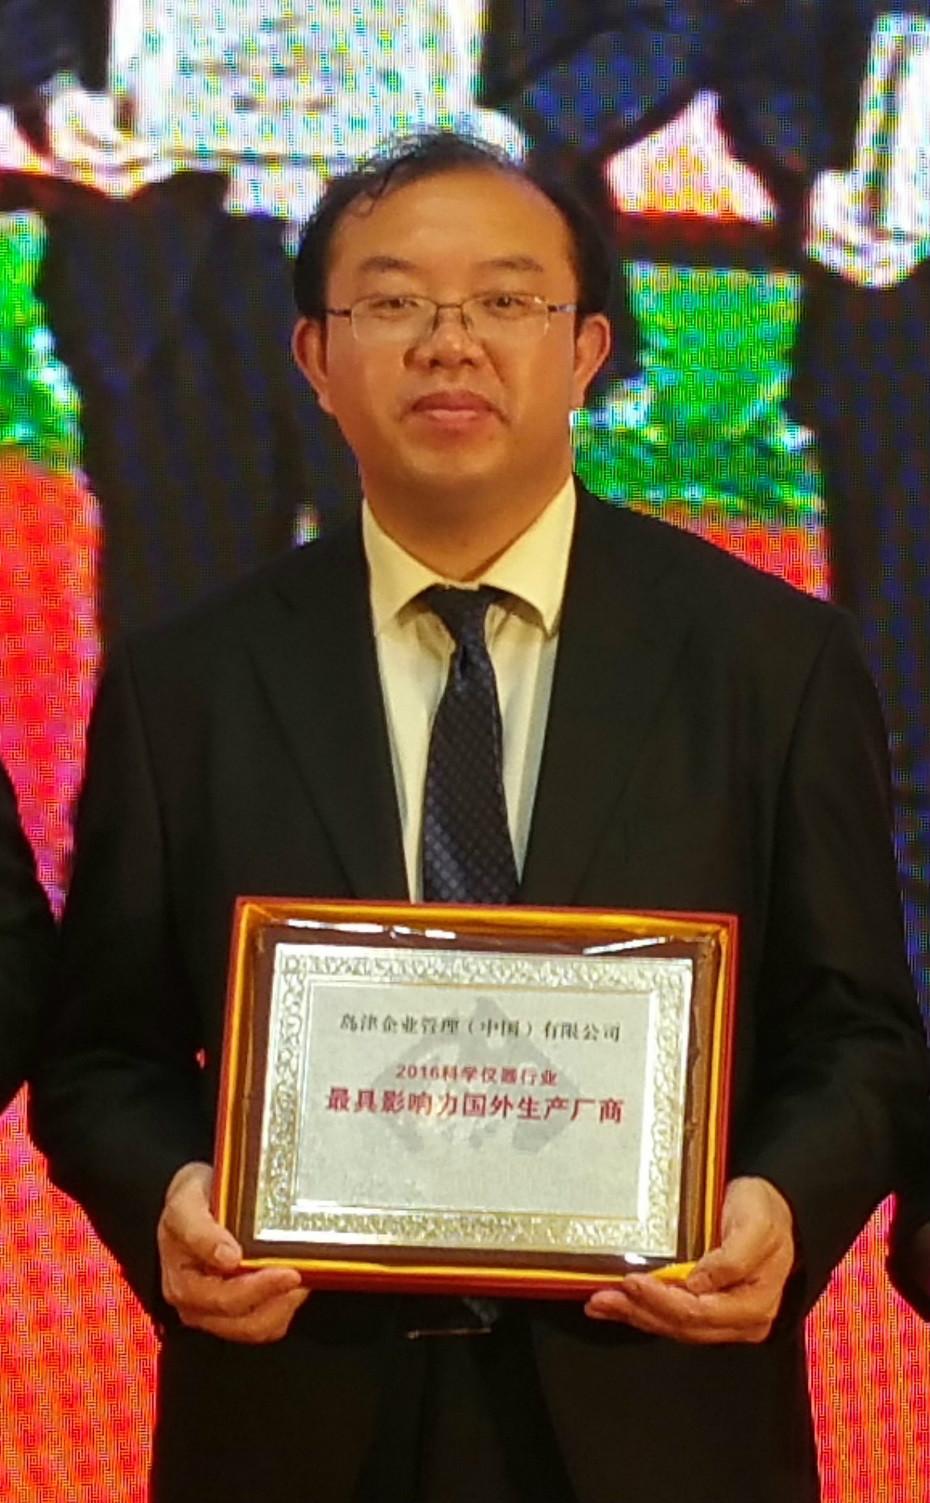 岛津荣获2016年度科学仪器行业优秀新产品奖